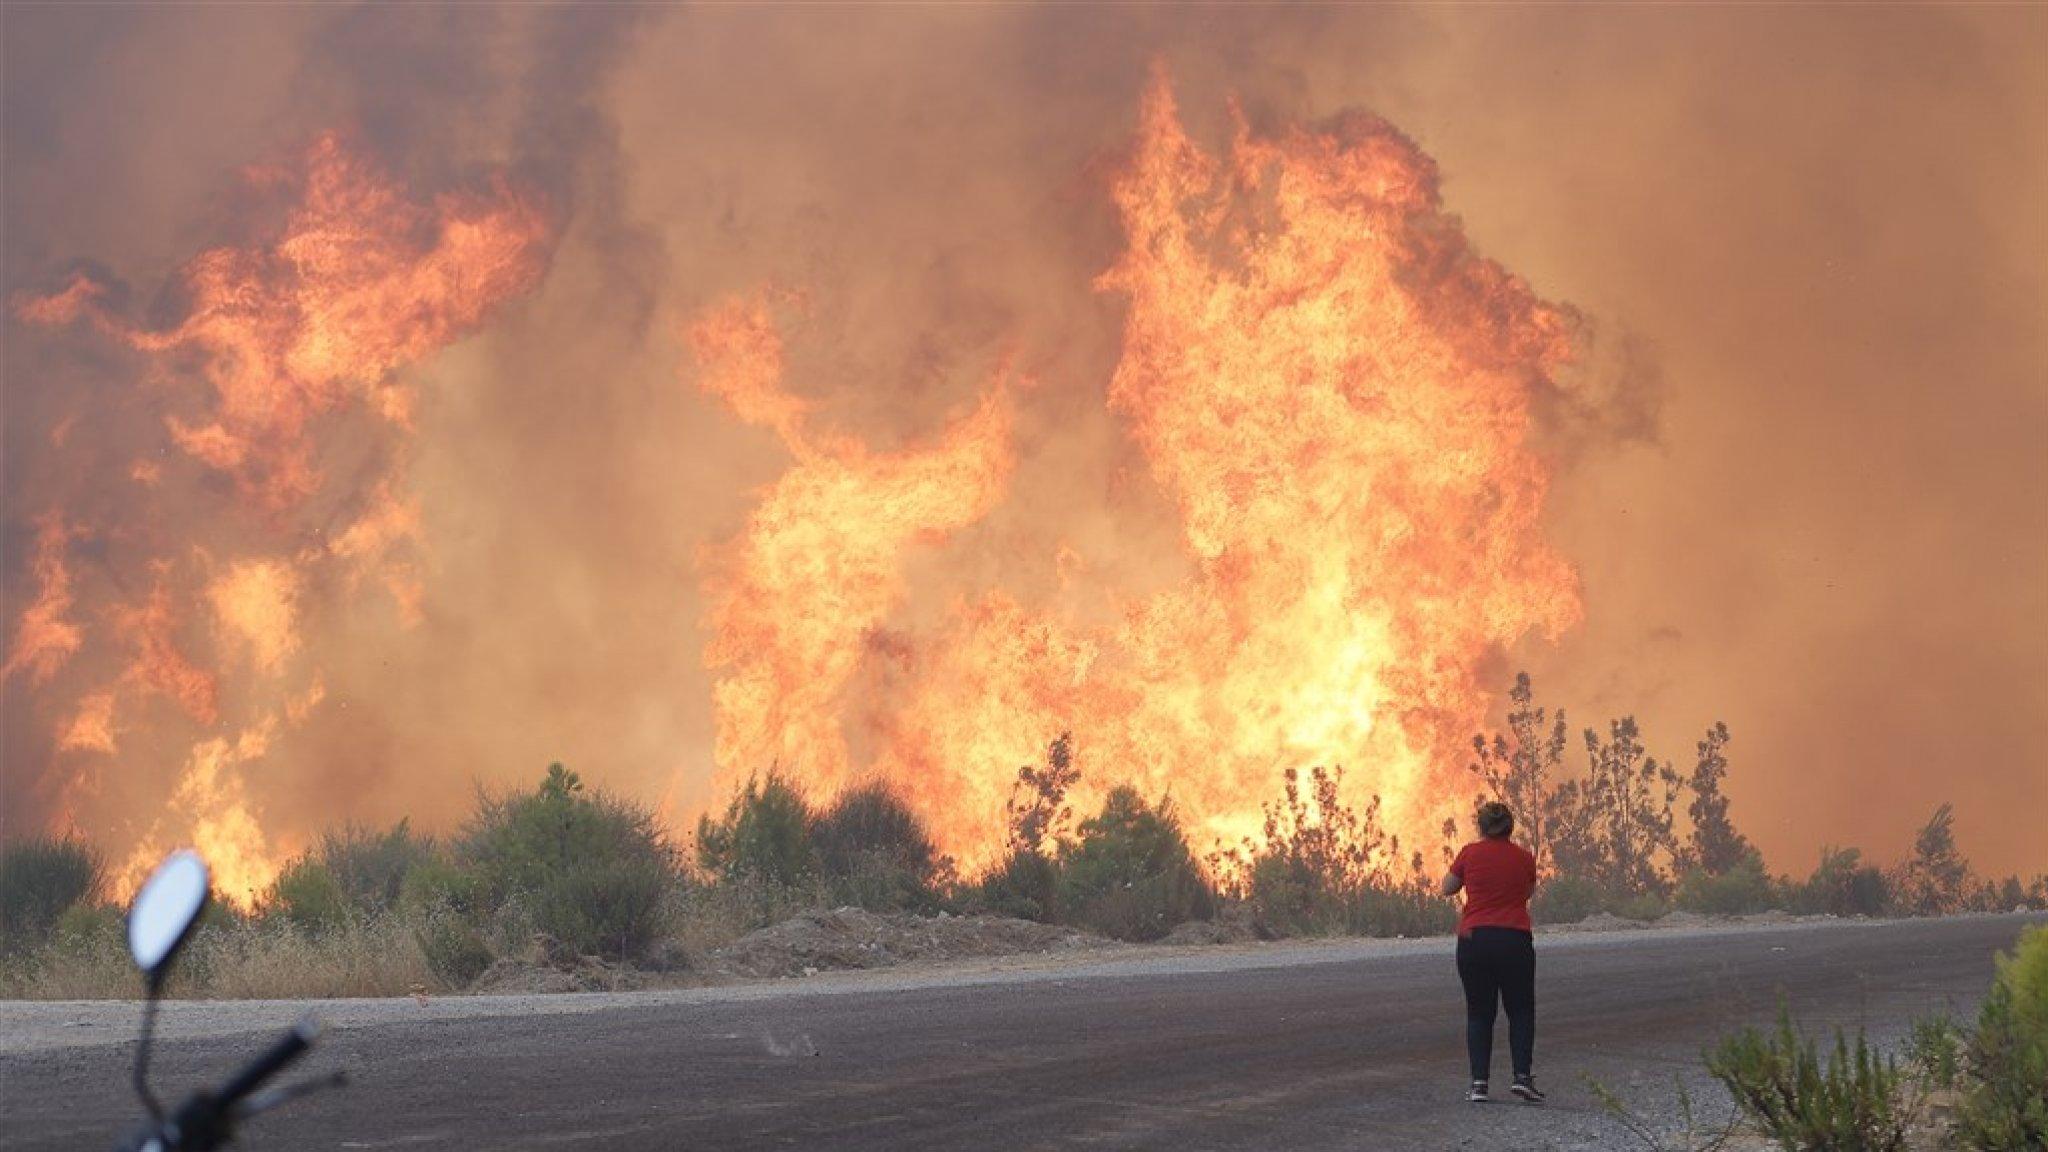 Turkey Wildfires